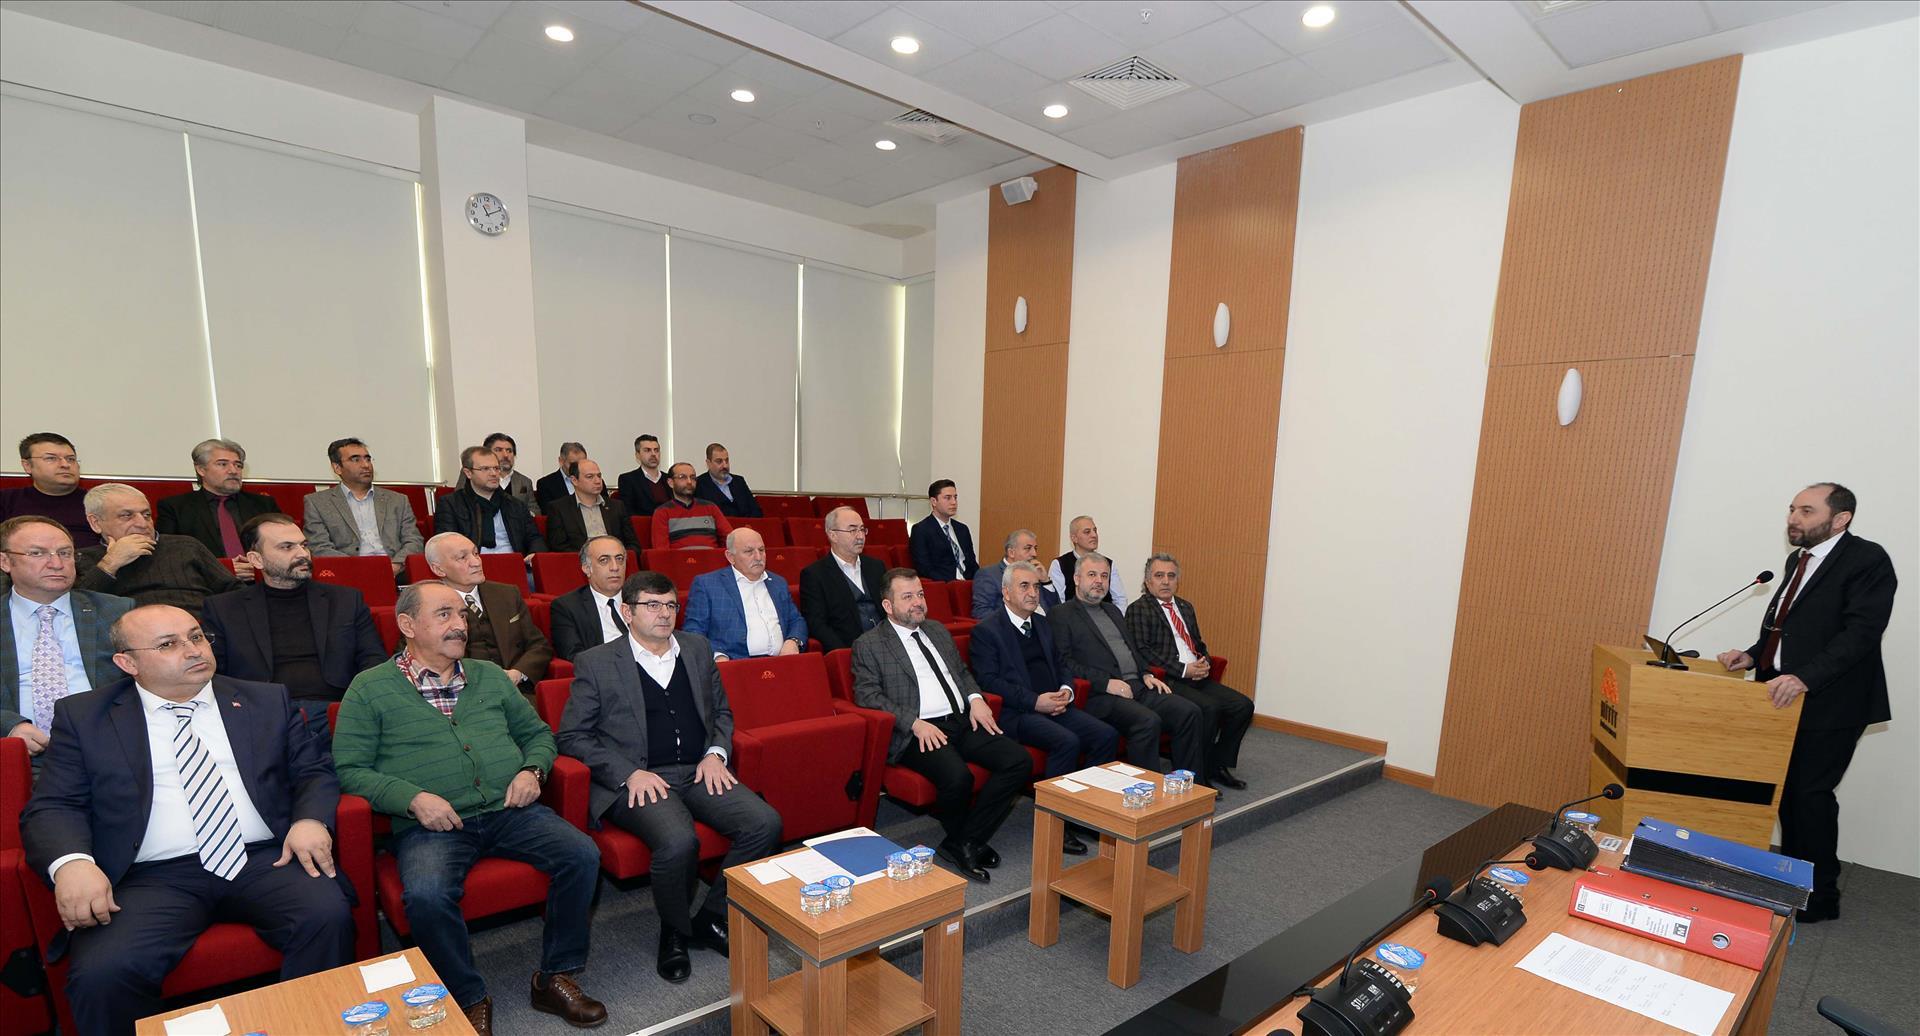 Çorum Hitit Vakfı Yönetim Kurulu Toplantısı Düzenlendi